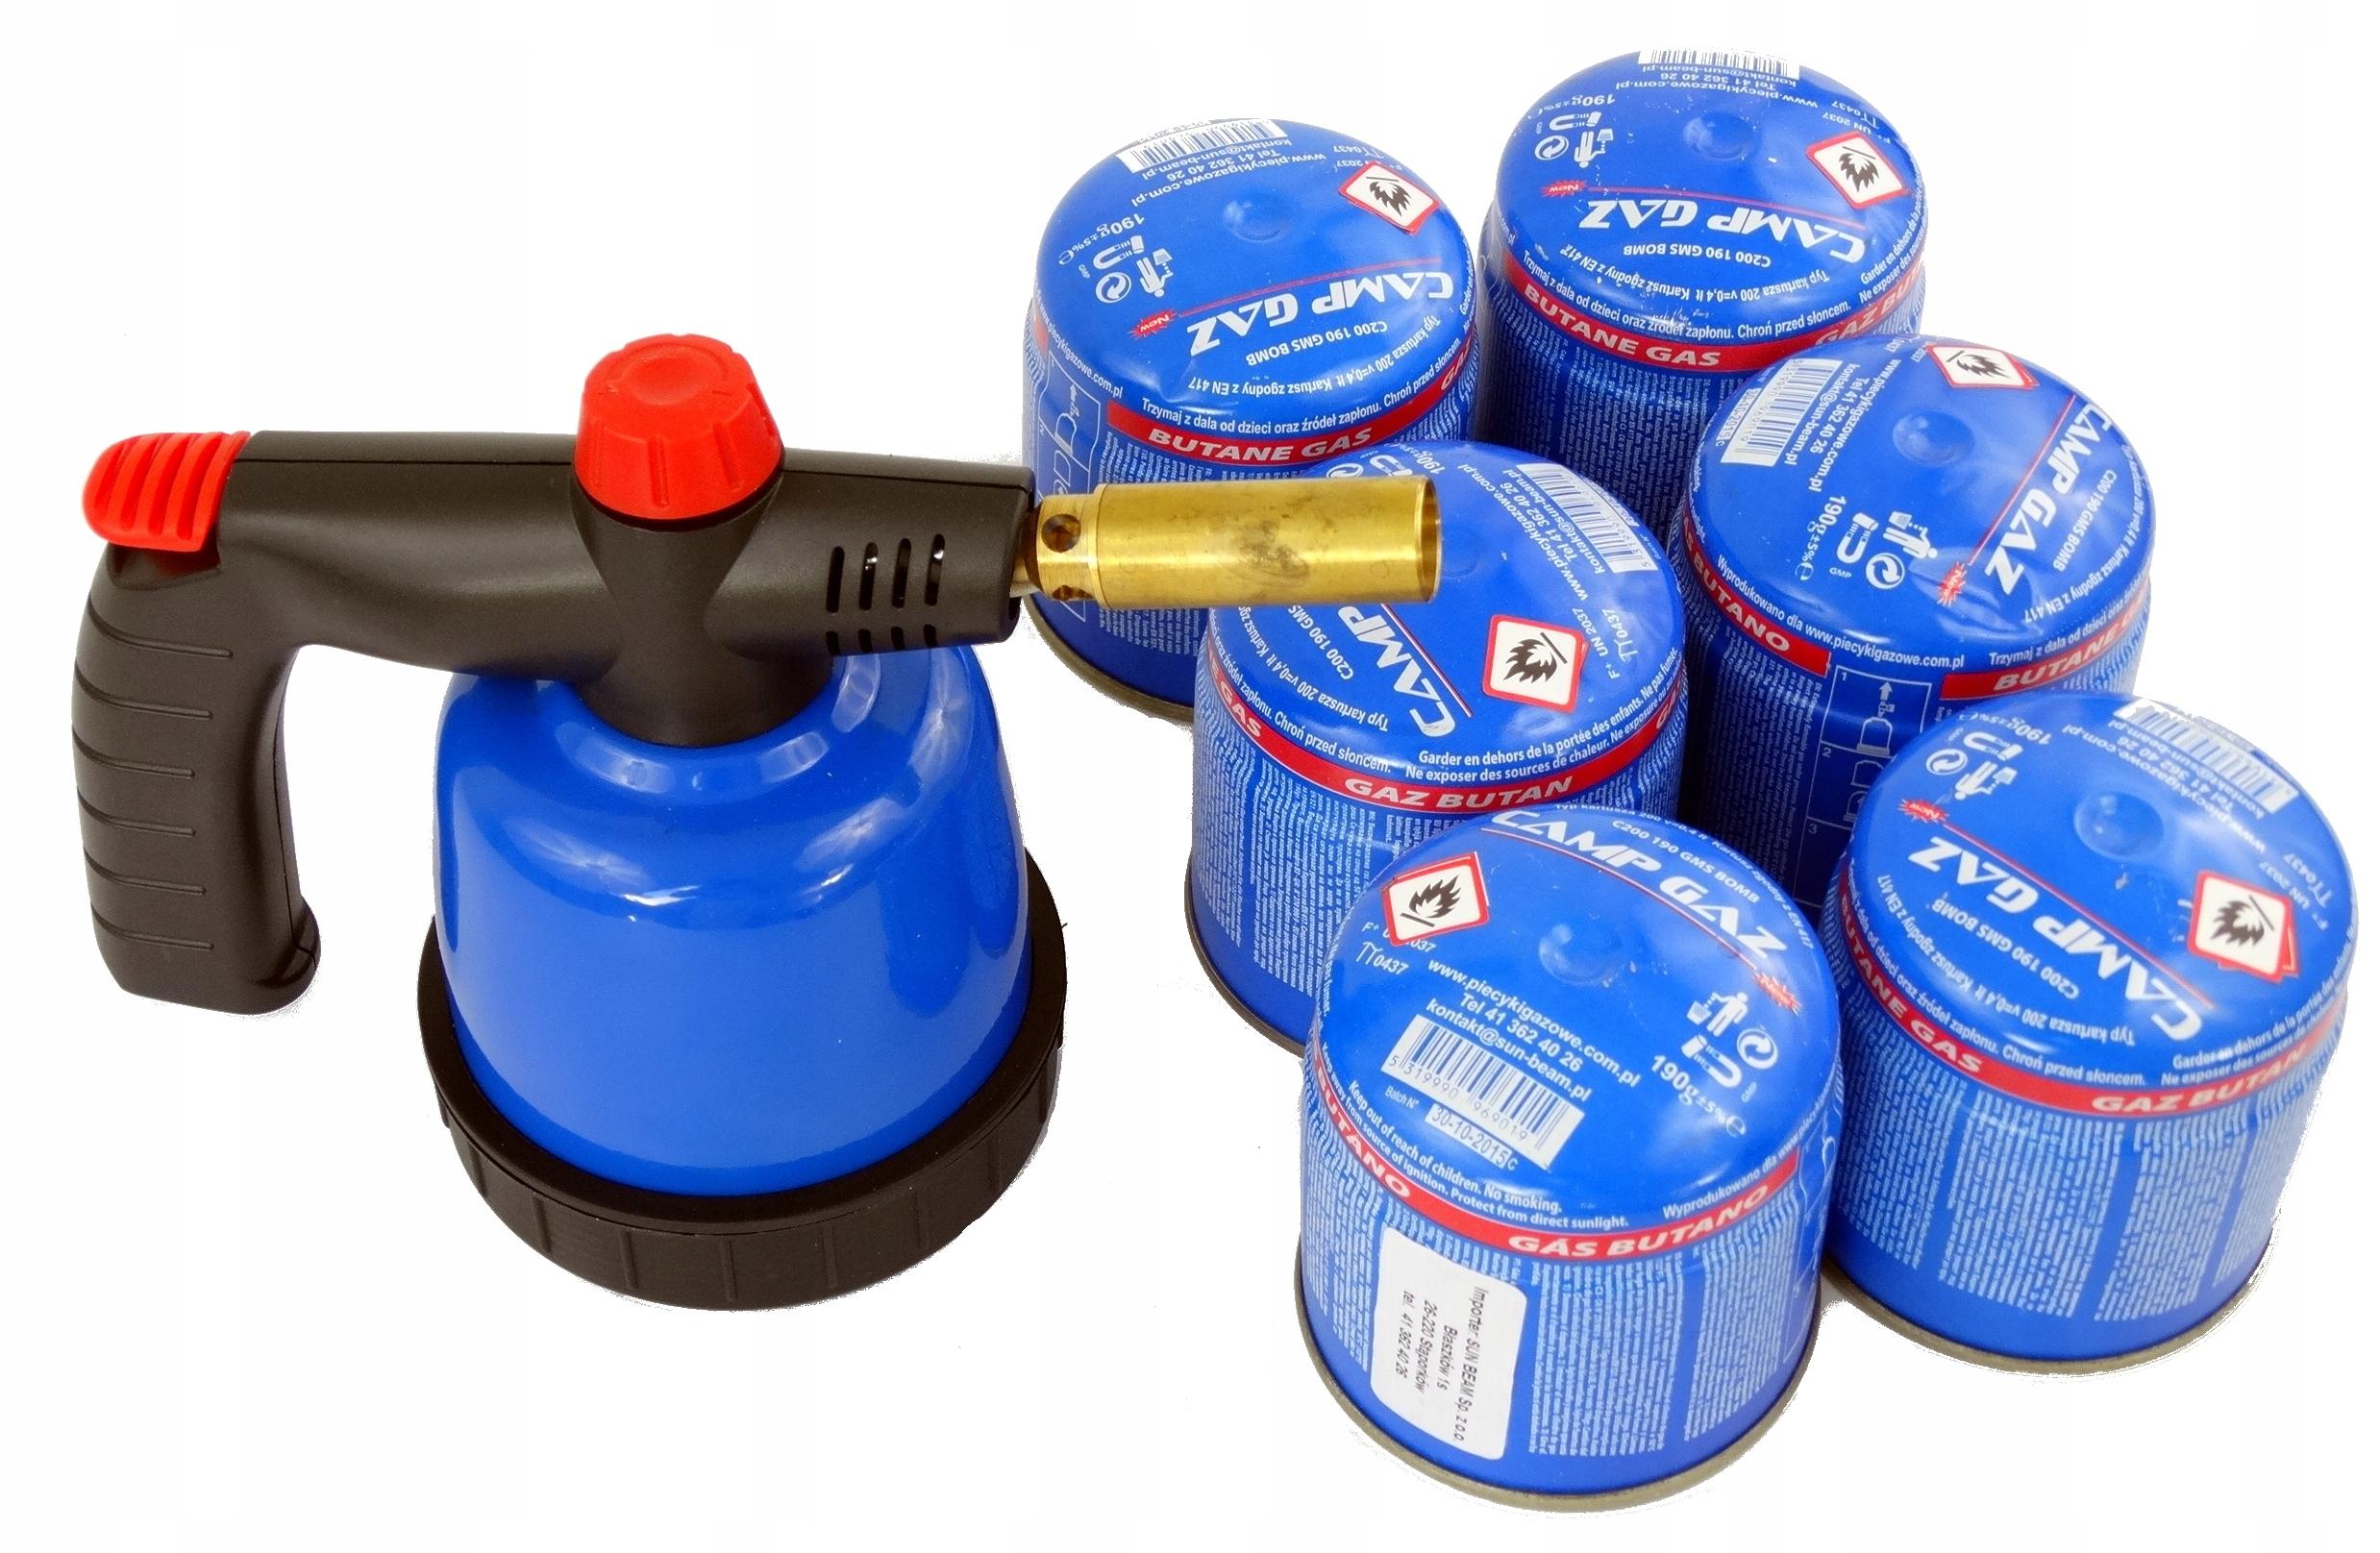 LUTLAMP Горелка газовая паяльная лампа + 6 патронов